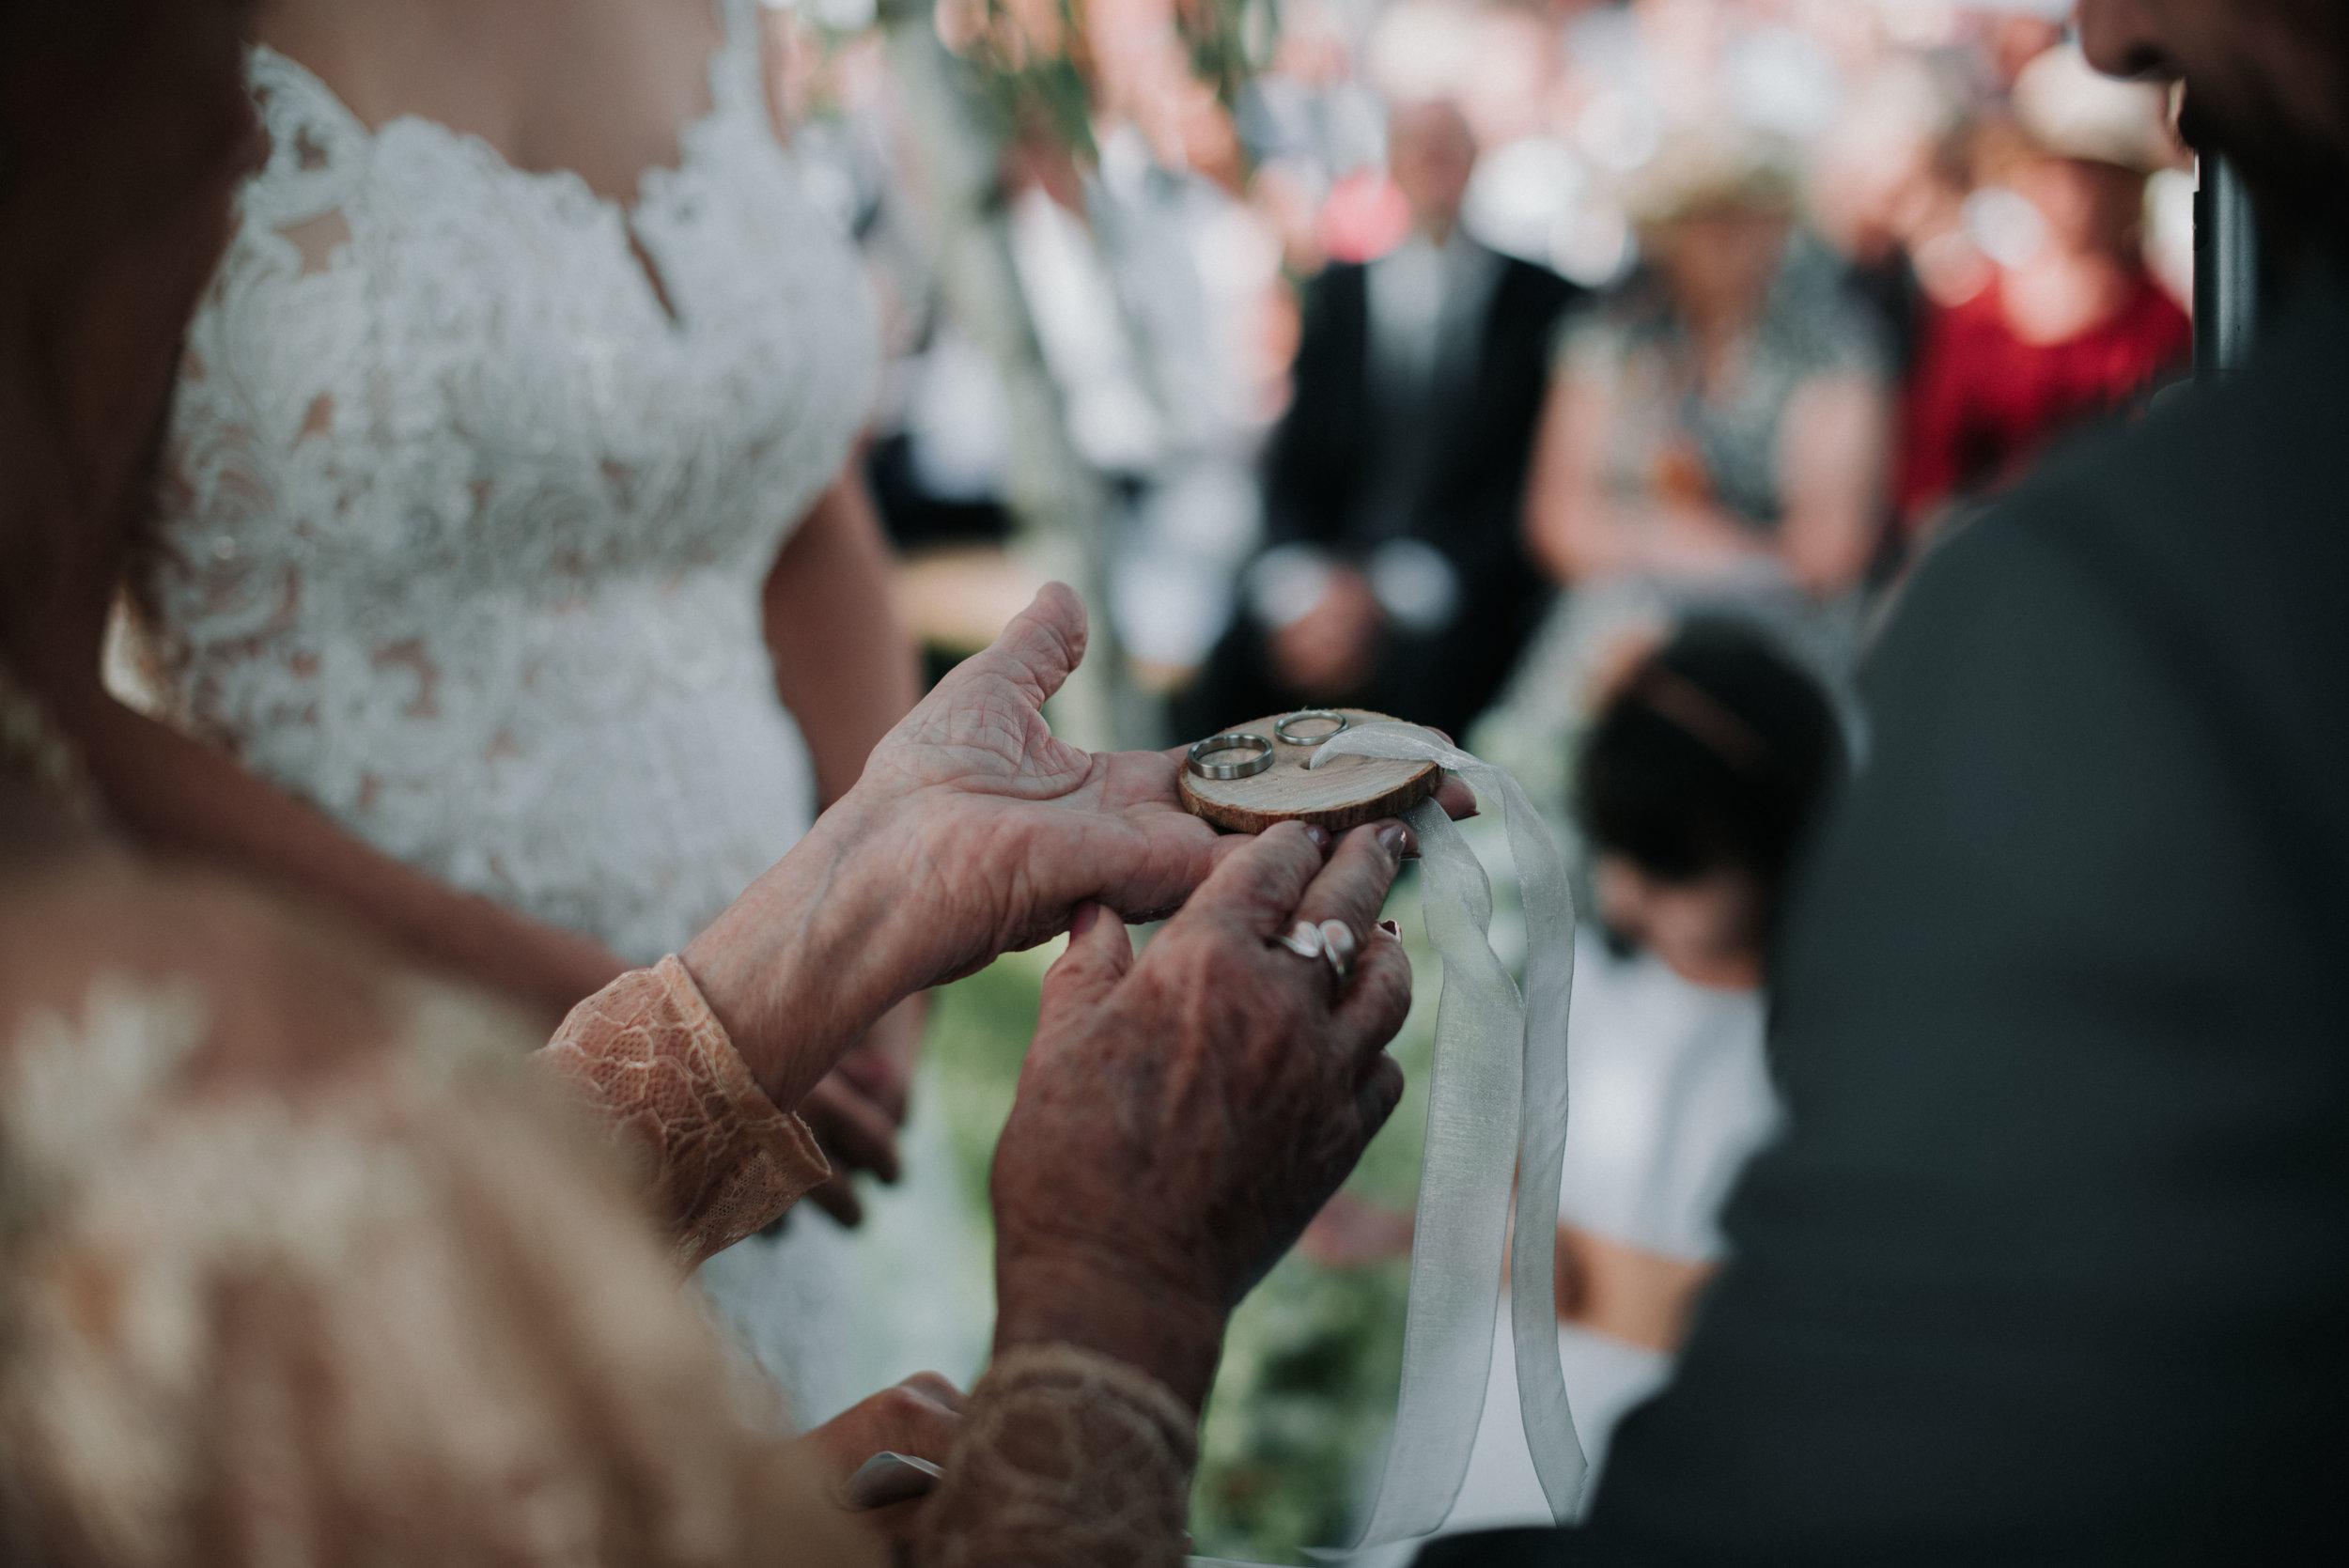 Léa-Fery-photographe-professionnel-lyon-rhone-alpes-portrait-creation-mariage-evenement-evenementiel-famille-0841.jpg